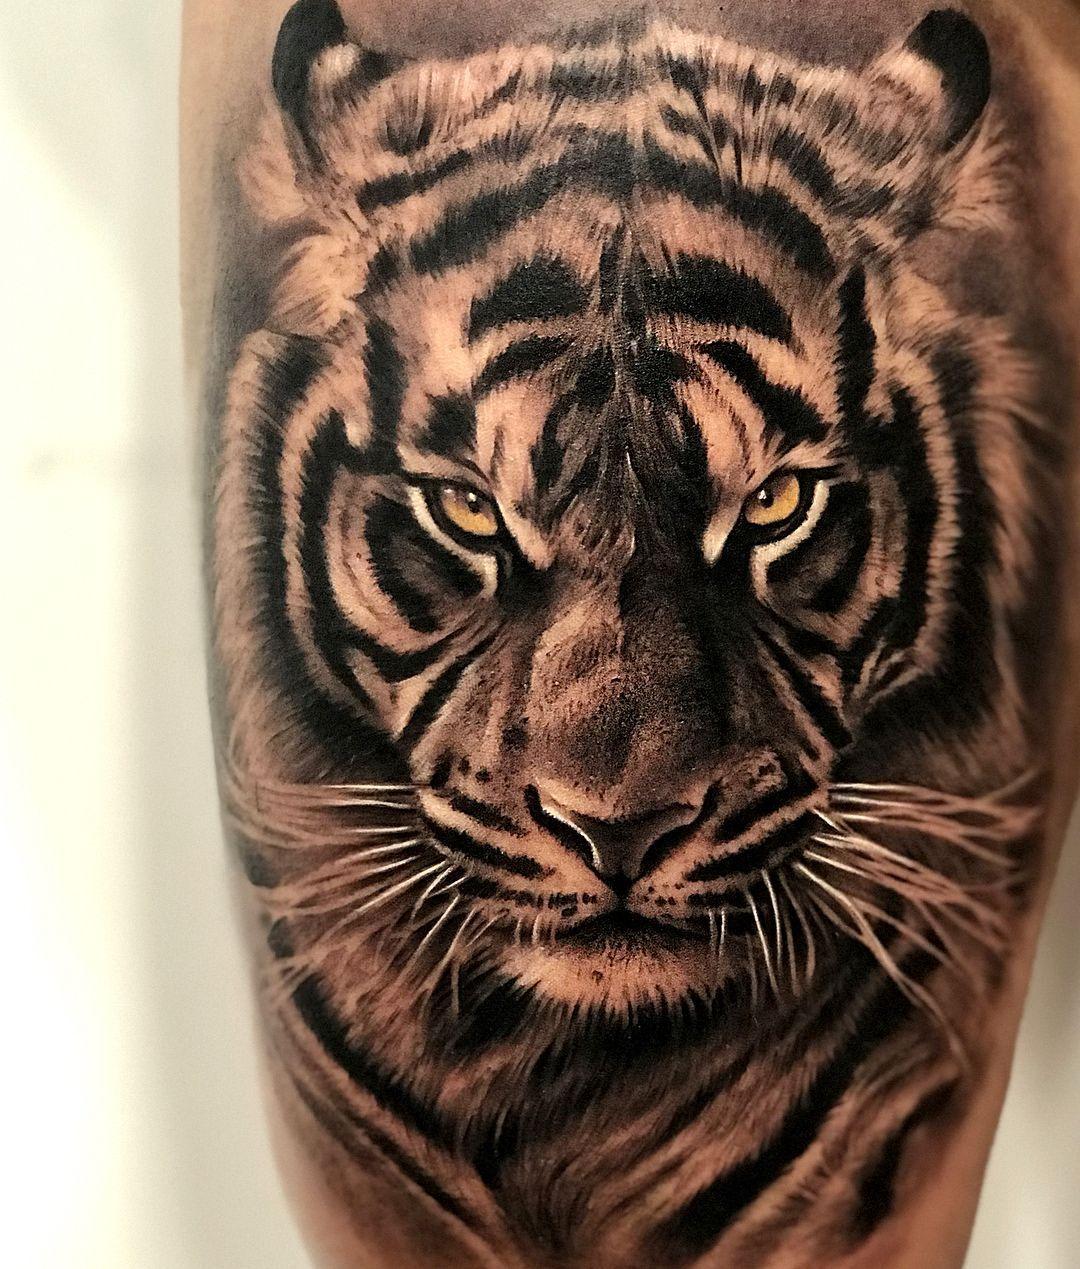 T Tattoo Tatuaje Ink Love Animal Animals Tiger Boy Man Malaga Spain Espana Tattoosformen In 2020 Tiger Tattoo Design Tiger Tattoo Tiger Hand Tattoo